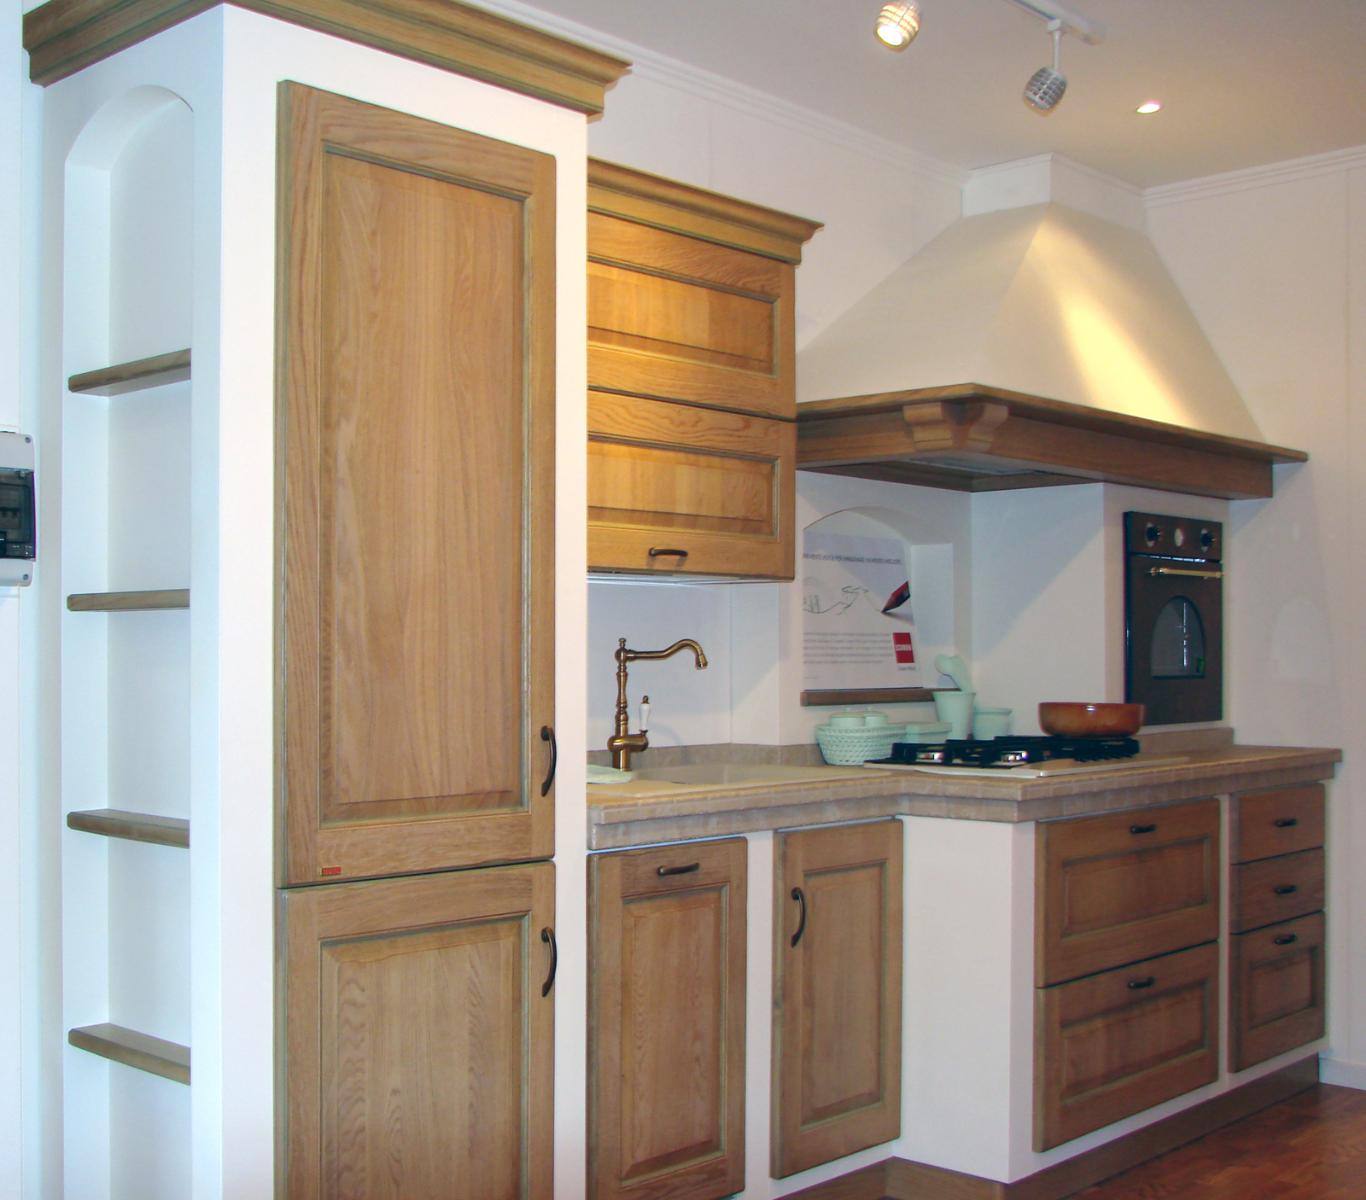 SCAVOLINI cucina Belvedere - dimensione legnodimensione legno